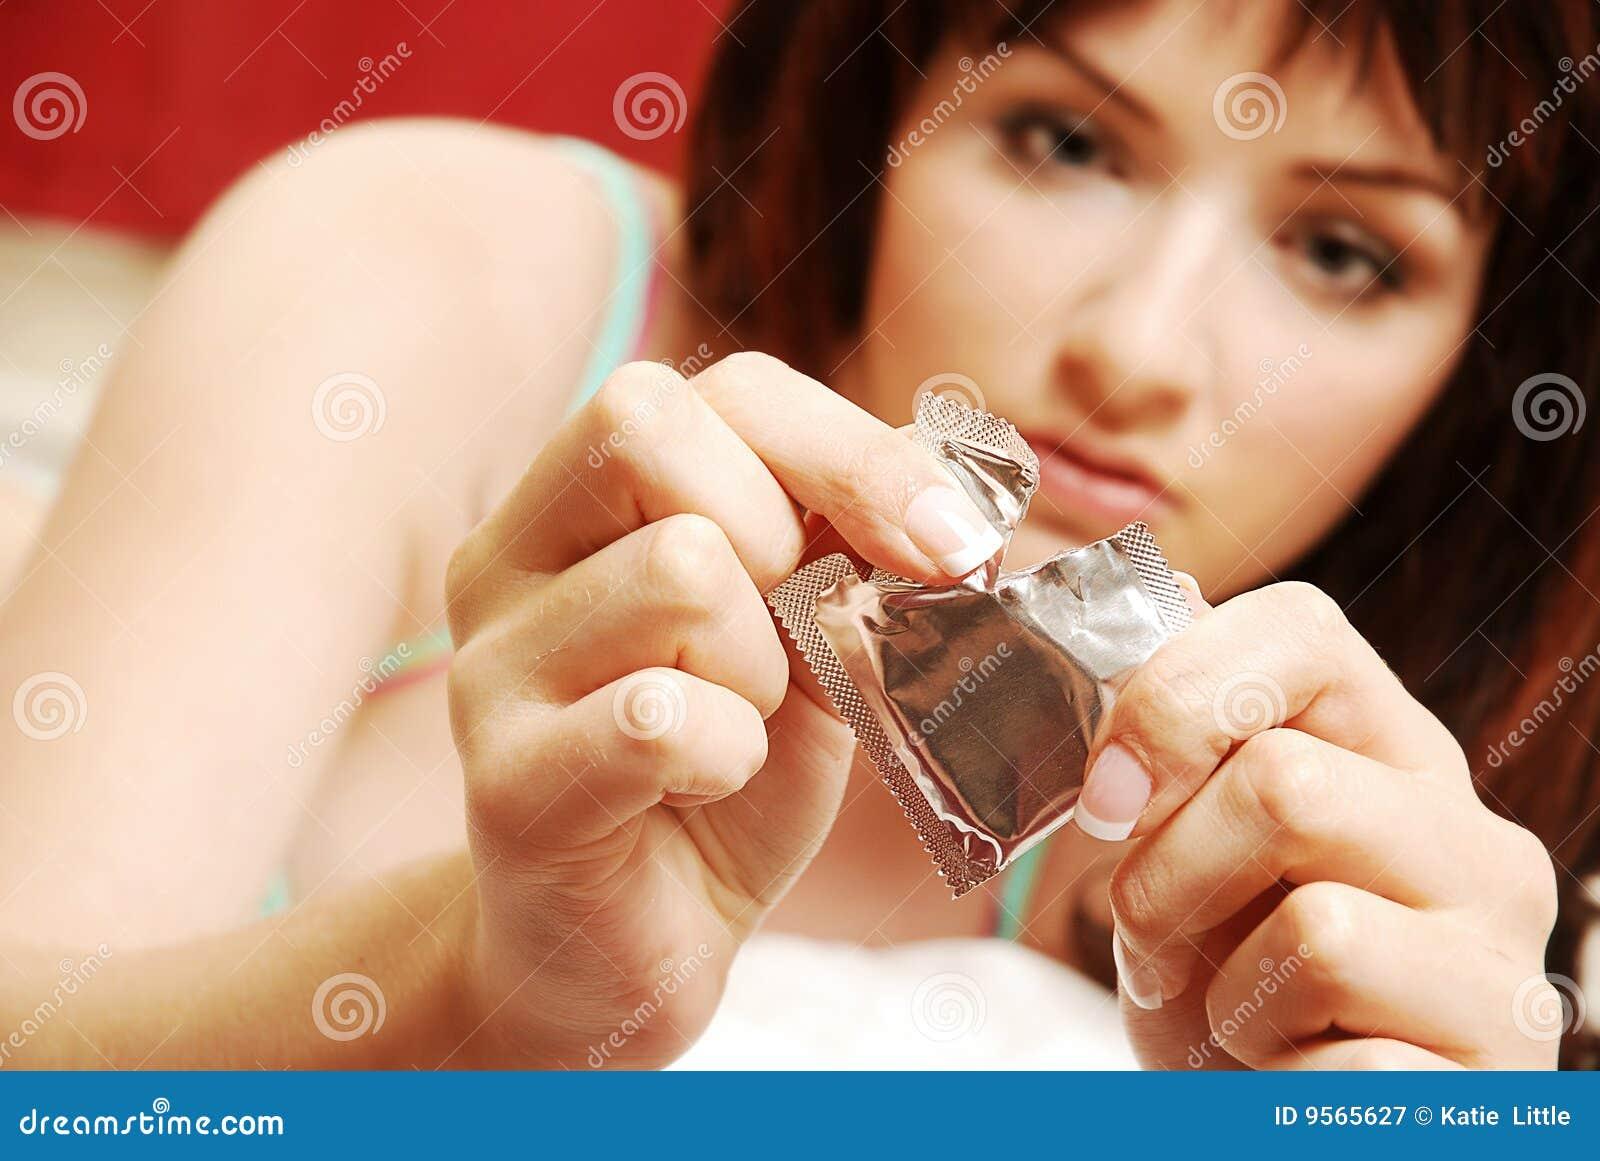 Презервативи для дівчат 11 фотография